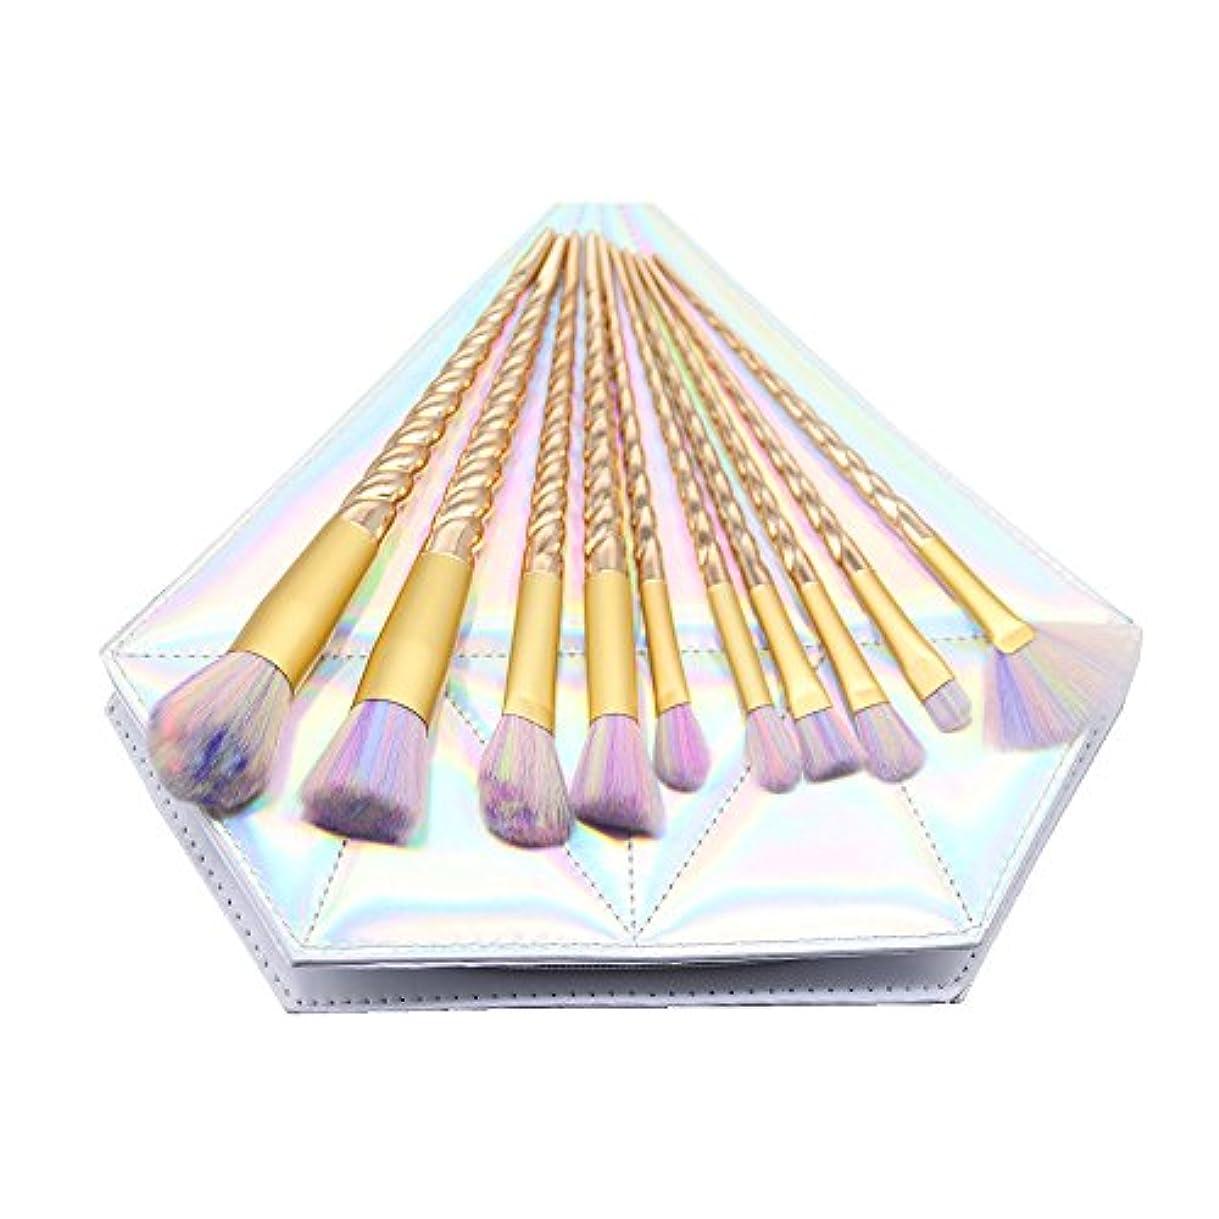 中性憂鬱な脅威Dilla Beauty メイクブラシセット 10本セット ユニコーンデザイン プラスチックハンドル 合成毛 ファンデーションブラシ アイシャドーブラッシャー 美容ツール 化粧品のバッグ付き